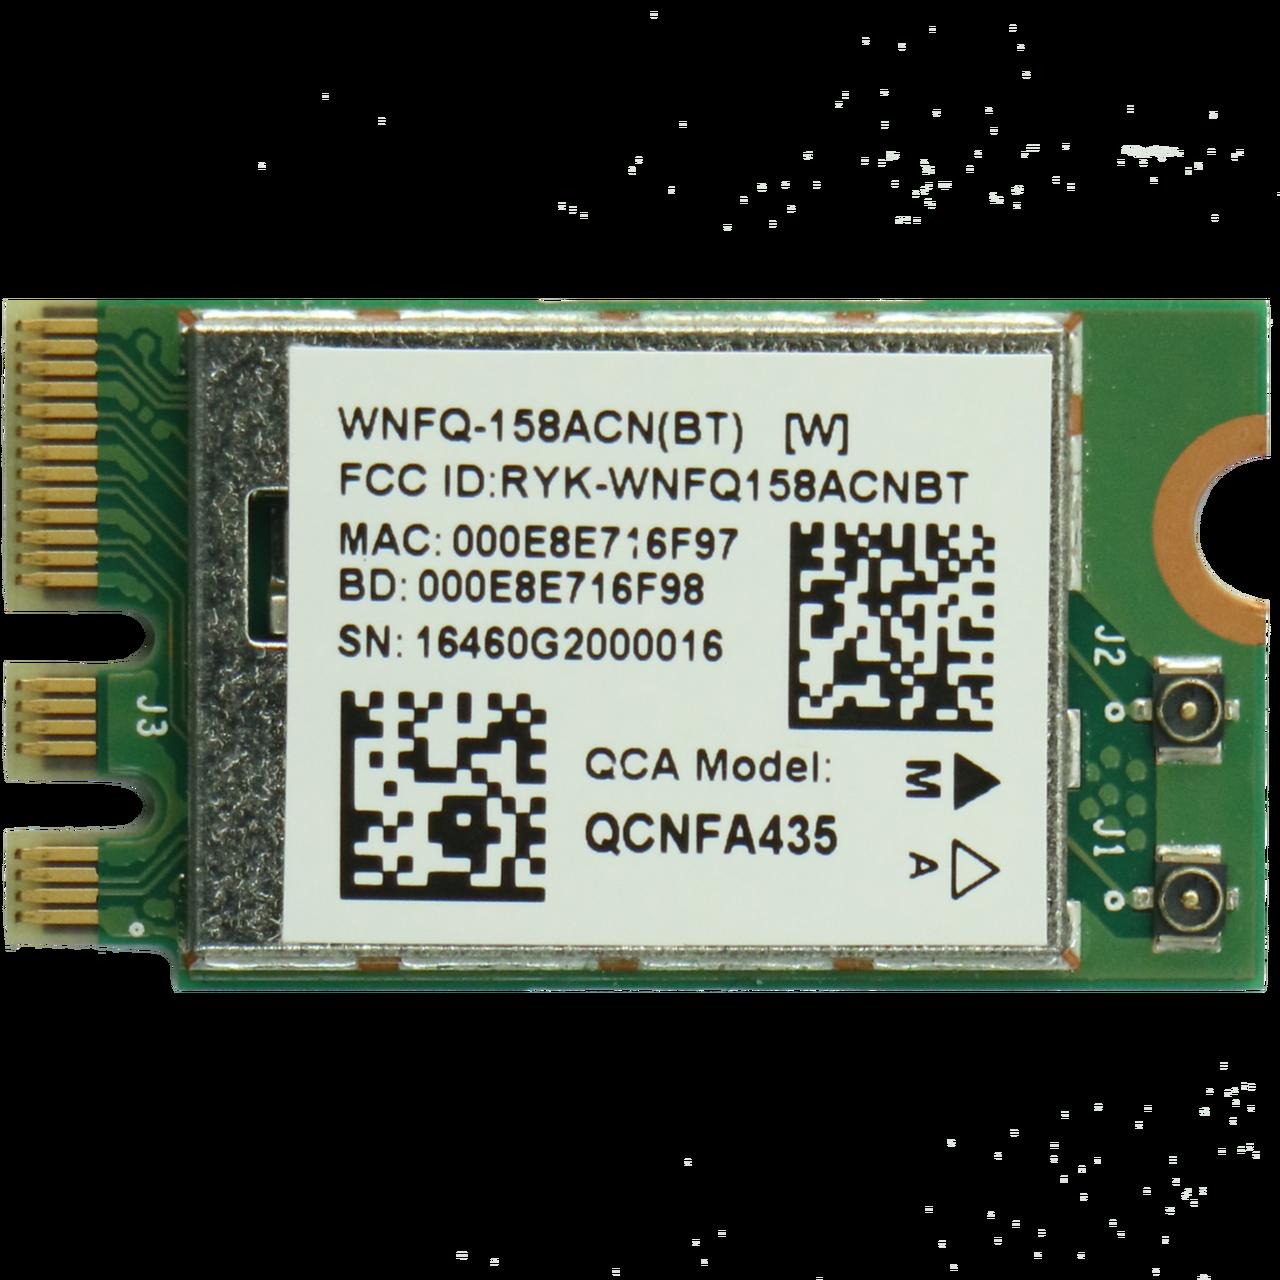 WNFQ-158ACN(BT) 802.11ac/b/g/n Wi-Fi M.2 module, Qualcomm Atheros